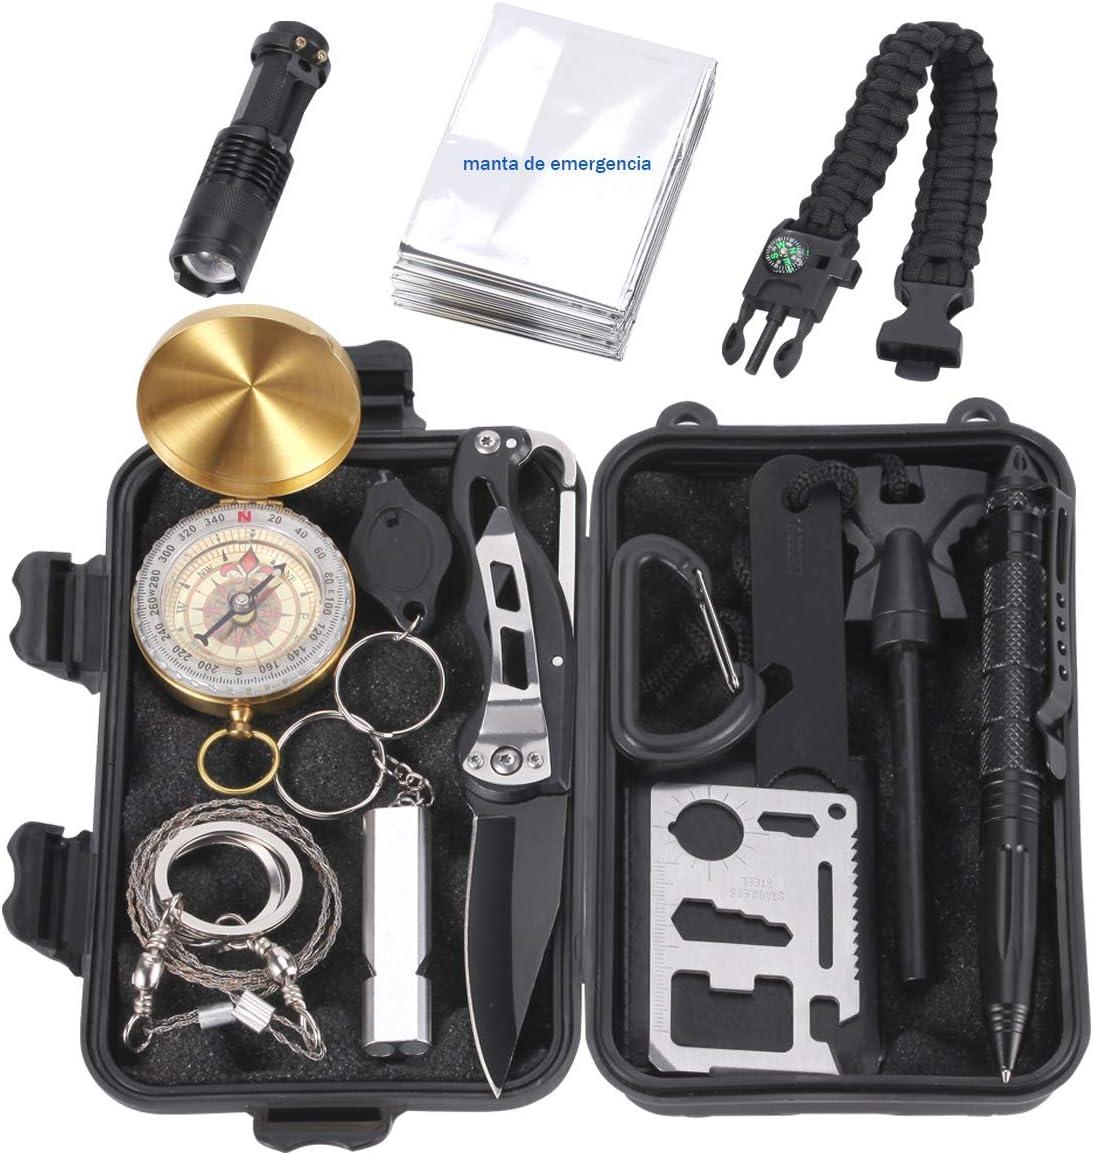 Homvik Kits de Supervivencia 14 en 1 multifuncional Kits Tácticos con Navaja Linterna Manta de Emergencia y Pulsera de Paracord para Acampada Senderismo Excursión Montañismo Viaje al Aire Libre